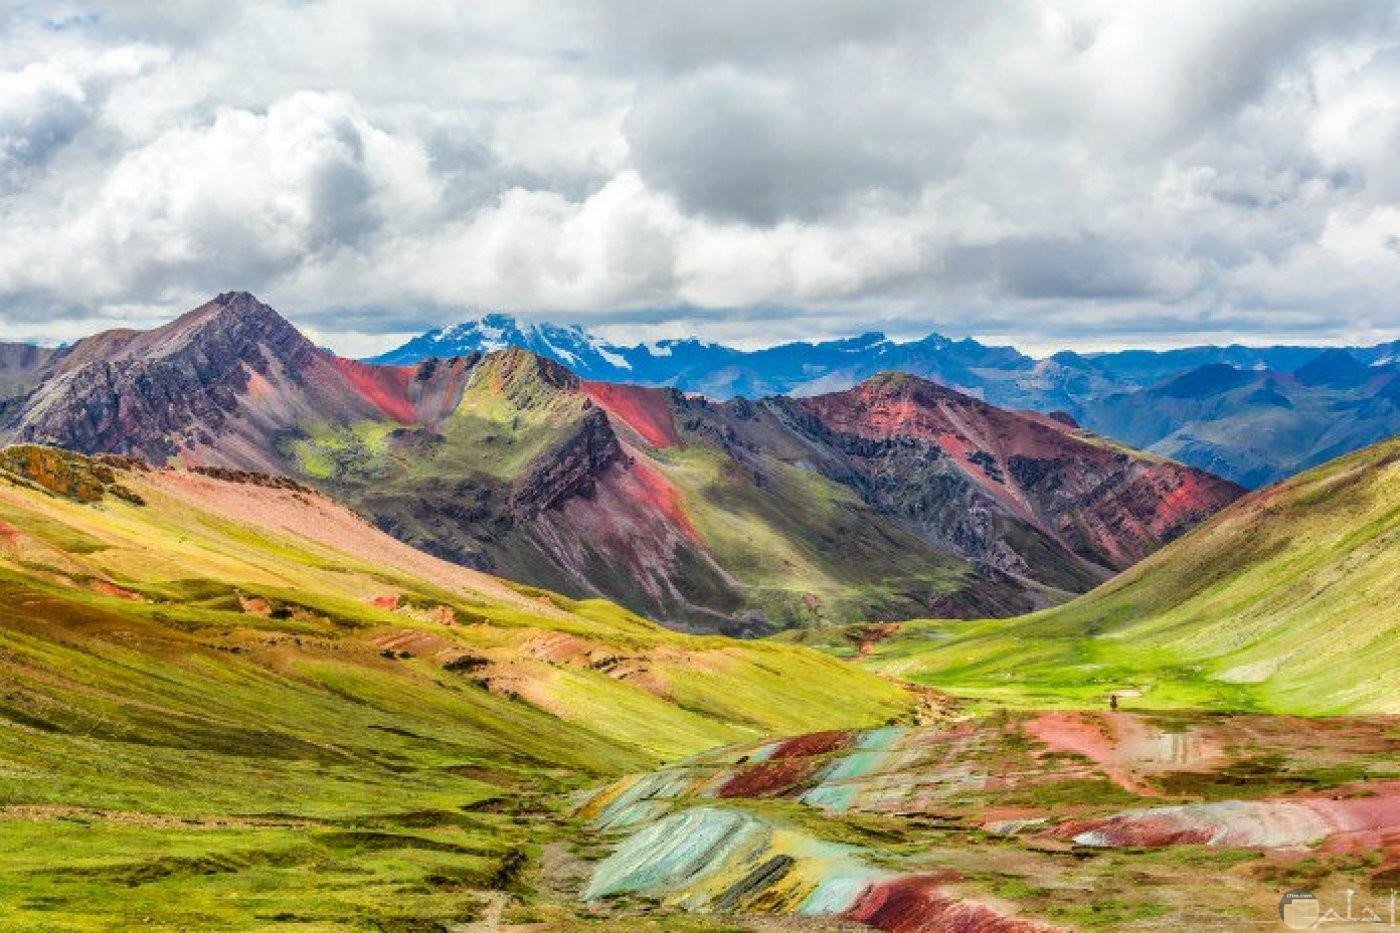 منظر طبيعي روعة للجبال الملونة.